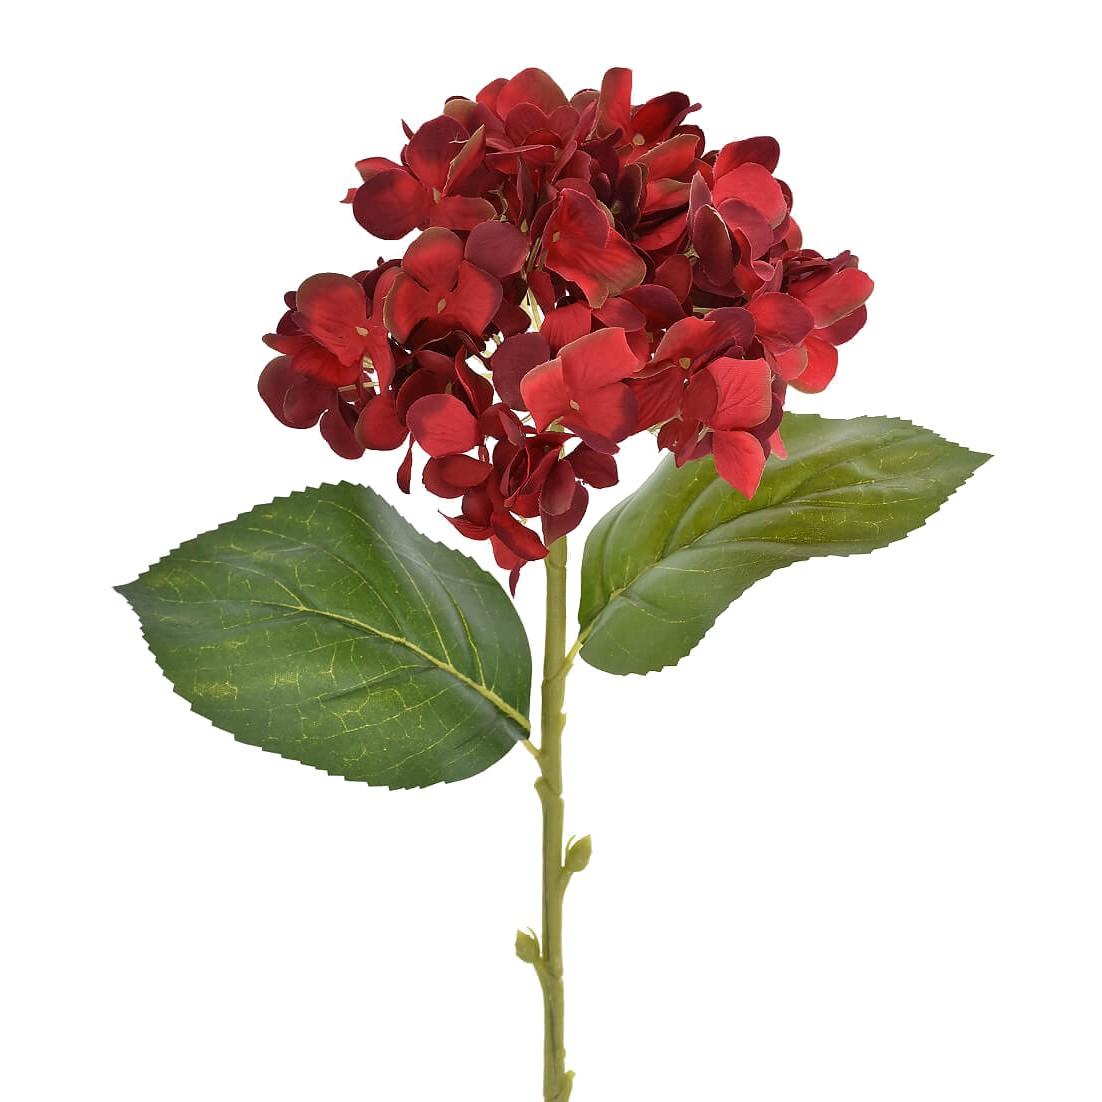 Haste Hortensia Micropeach 60 cm Vermelho